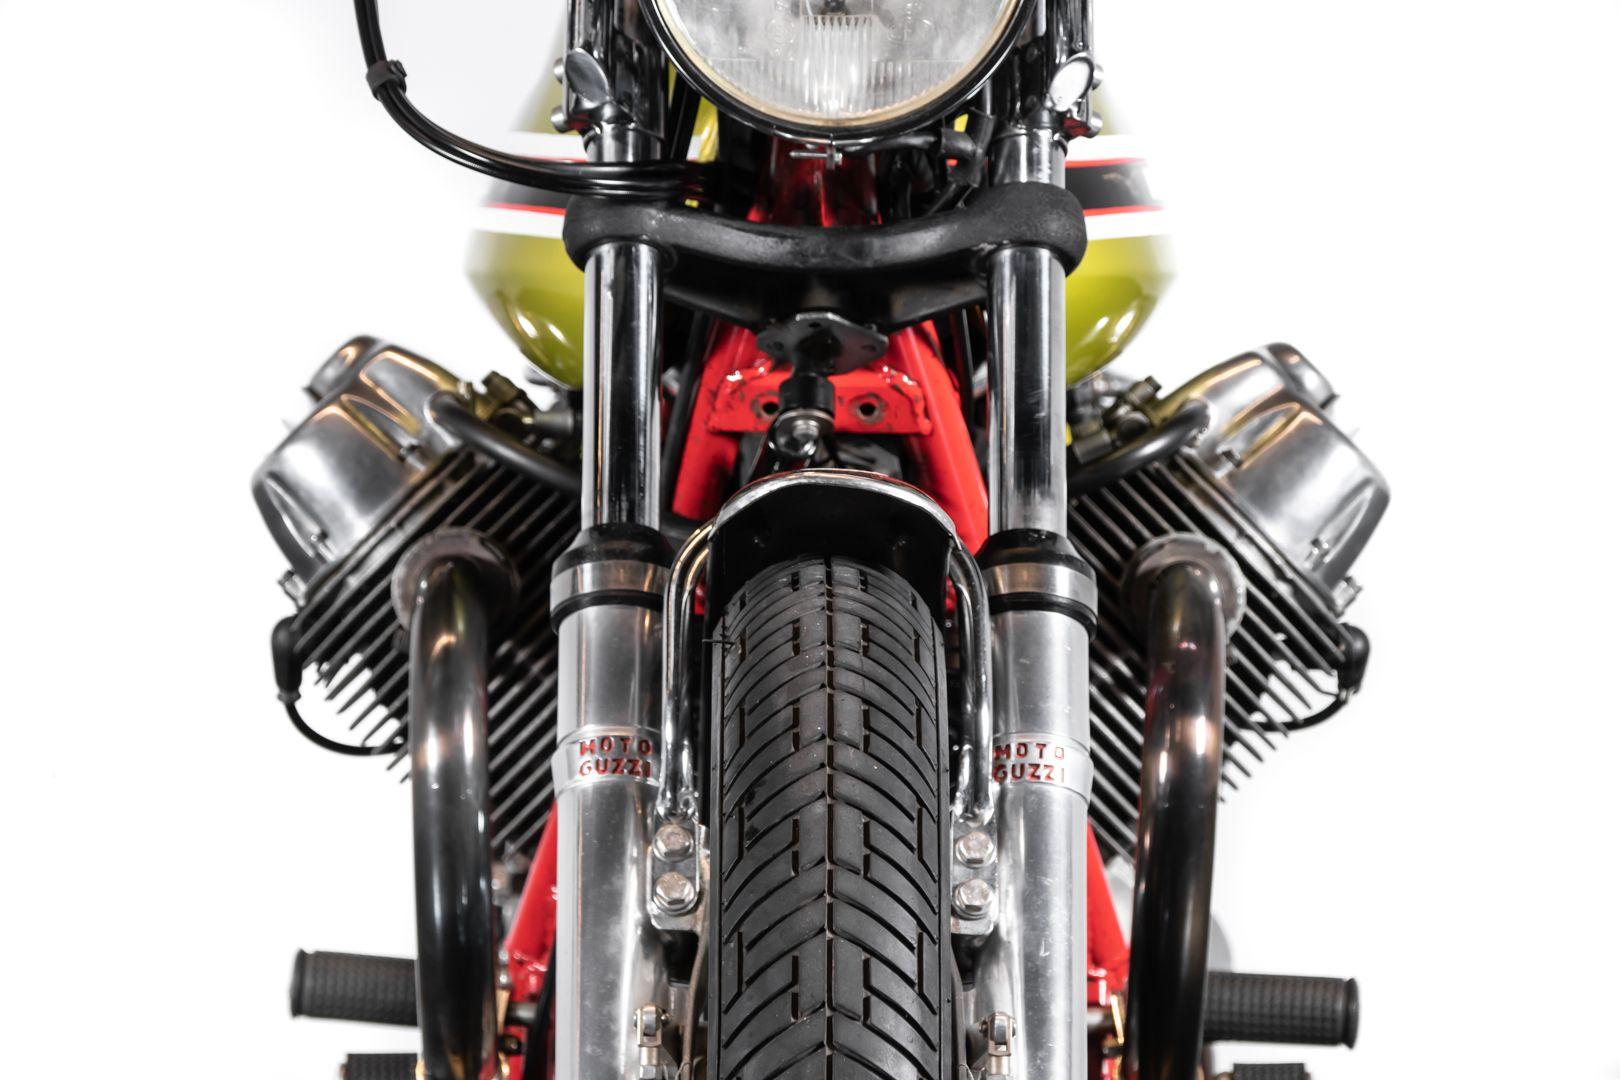 1972 Moto Guzzi V7 Sport Telaio Rosso 76507